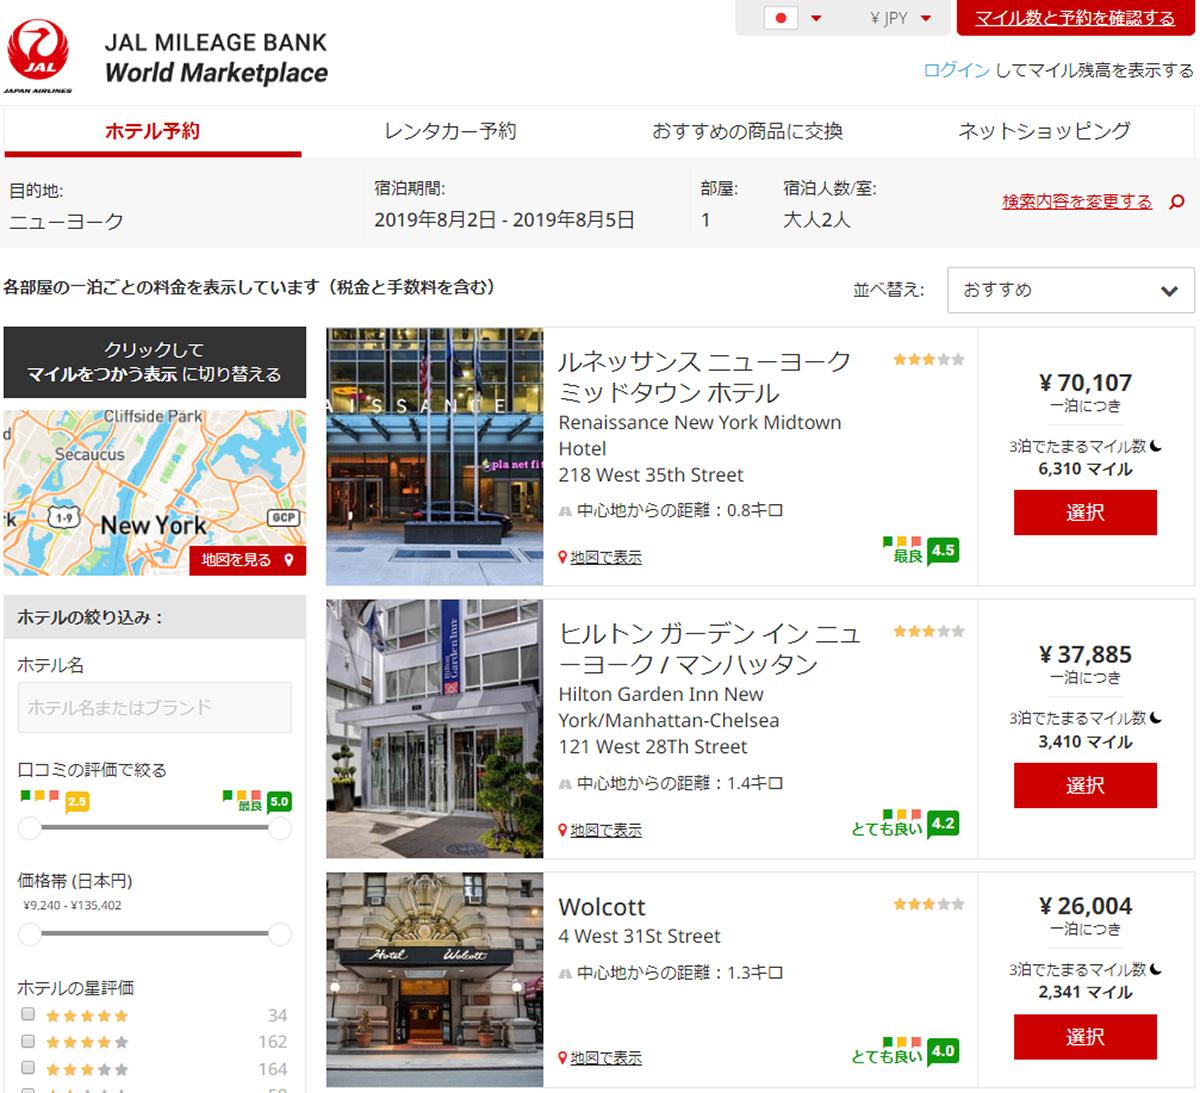 JAL Mileage Bank Marketplaceでニューヨークのホテル予約を検索してみた画面